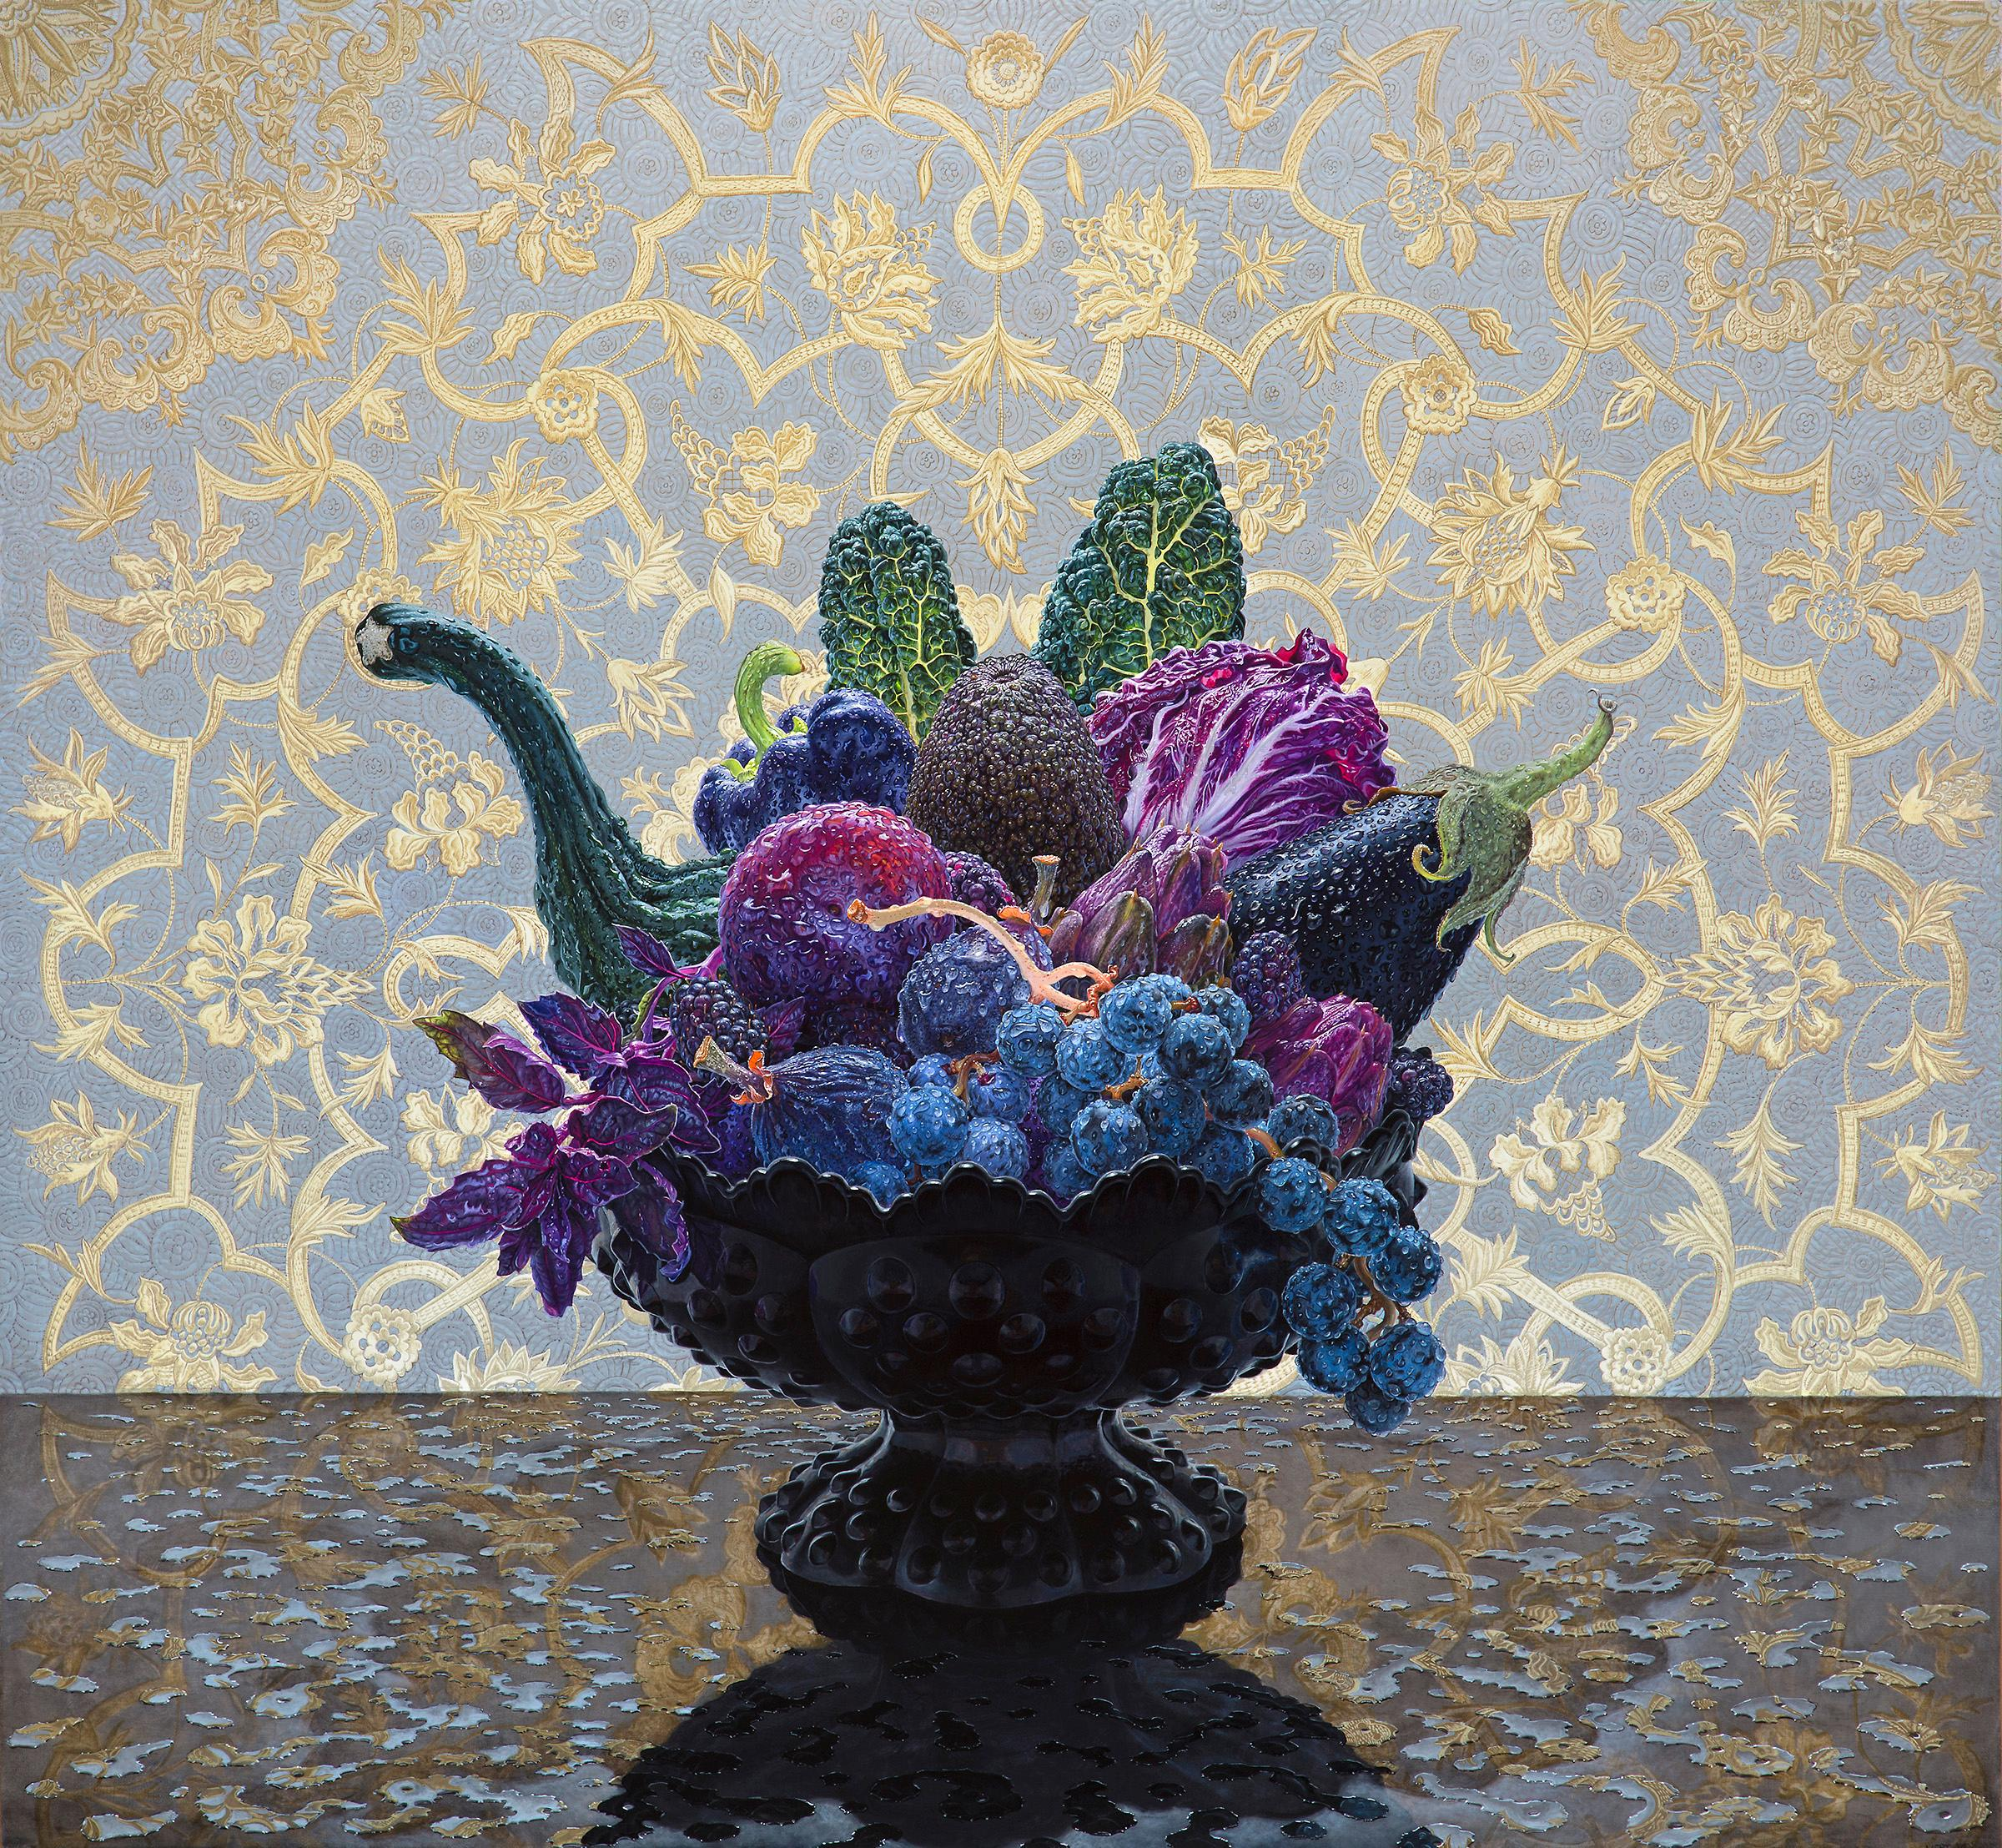 Dark Still Life, Contemporary Still Life, Fruit, Vegetables, Wallpaper